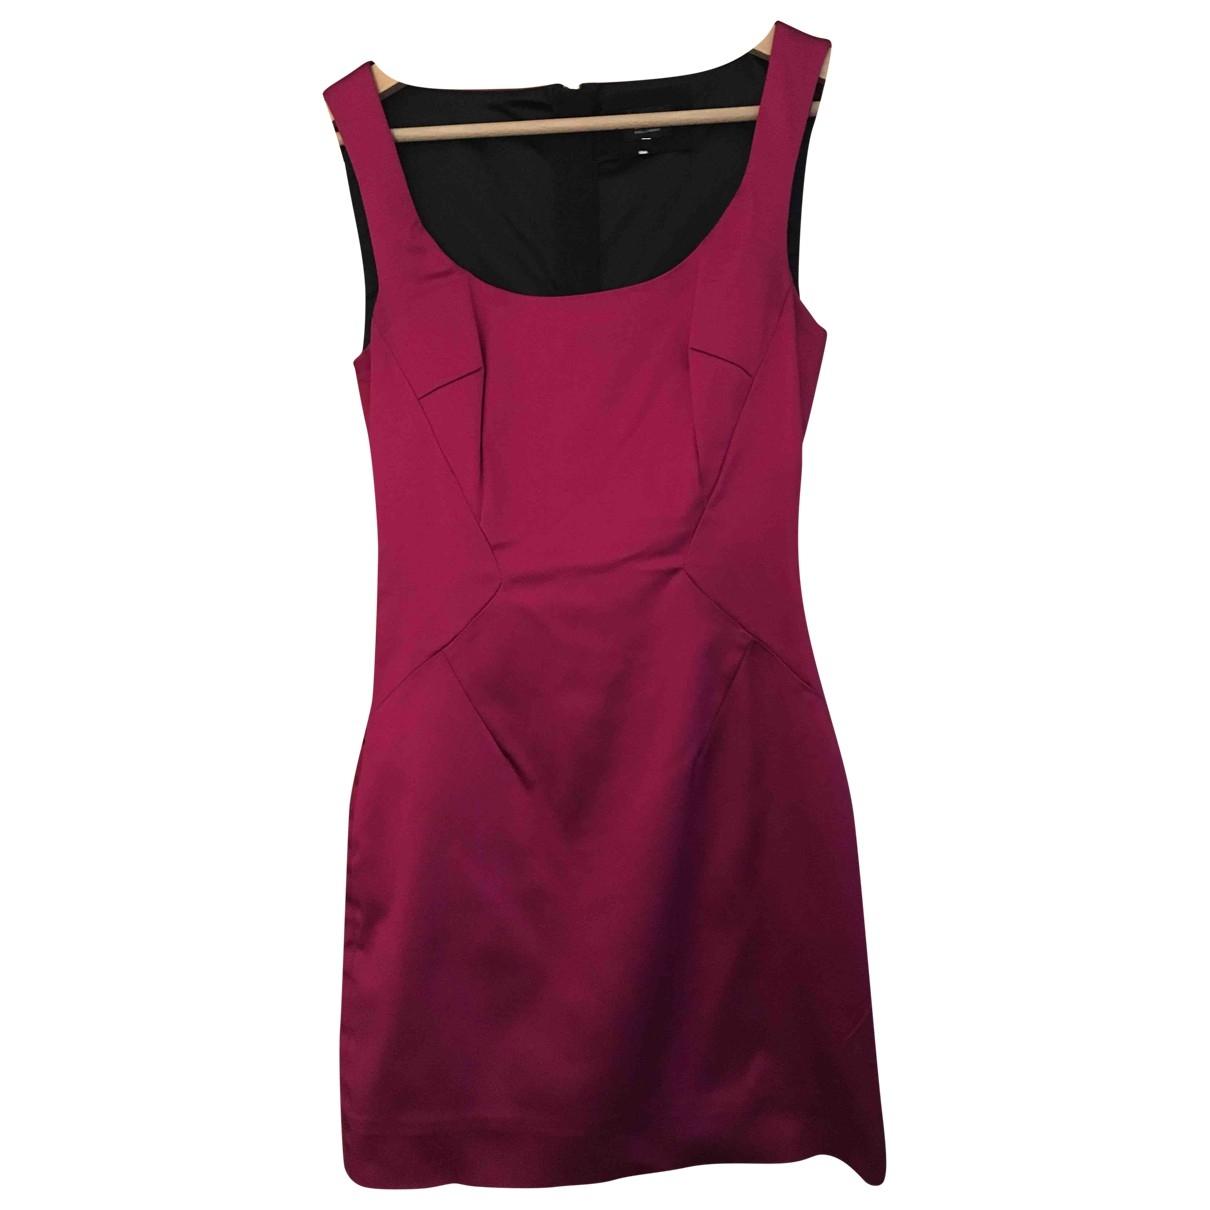 D&g \N Kleid in  Rosa Baumwolle - Elasthan